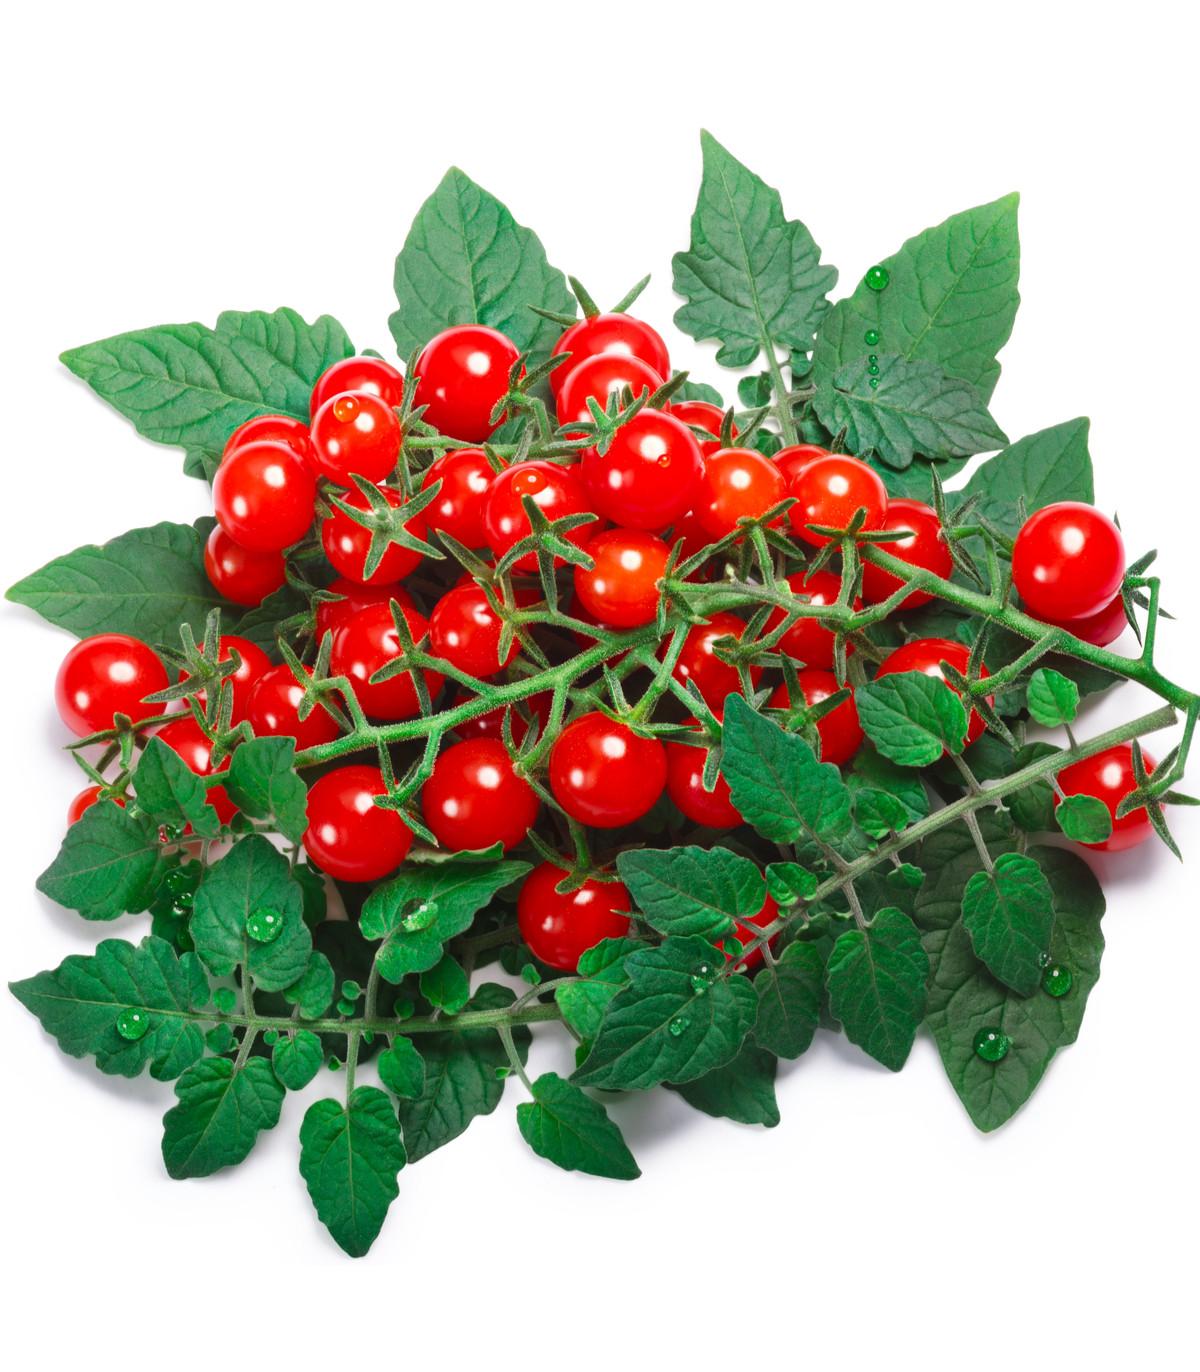 Divoká paradajka ríbezľová Sweet Pea - červená farba - Solanum pimpinellifolium - predaj semien divokých paradajok- 6 ks